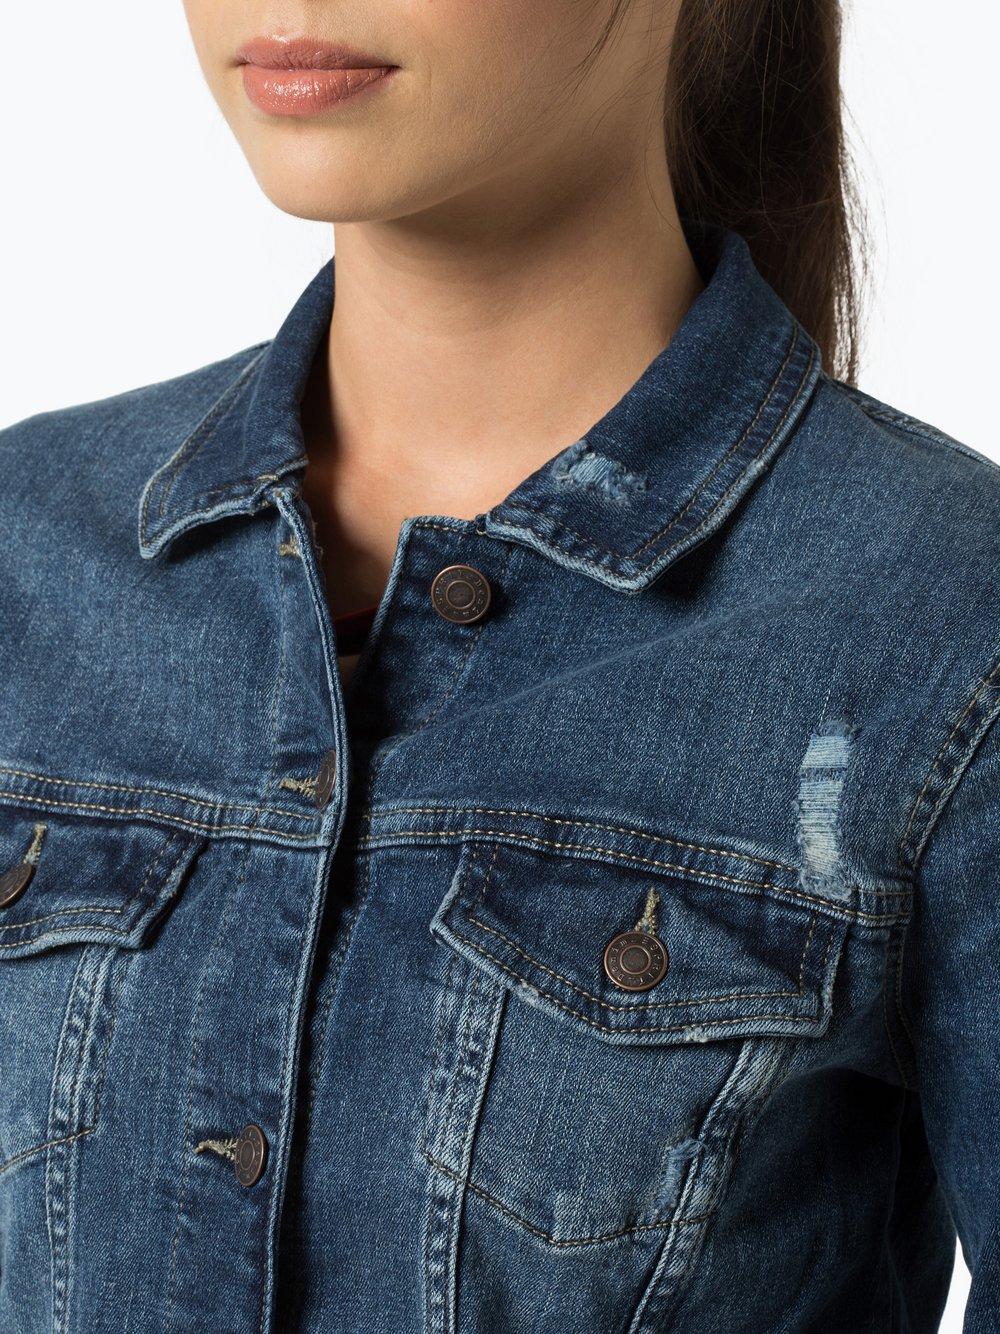 Esprit Casual Damen Jeansjacke online kaufen | PEEK UND